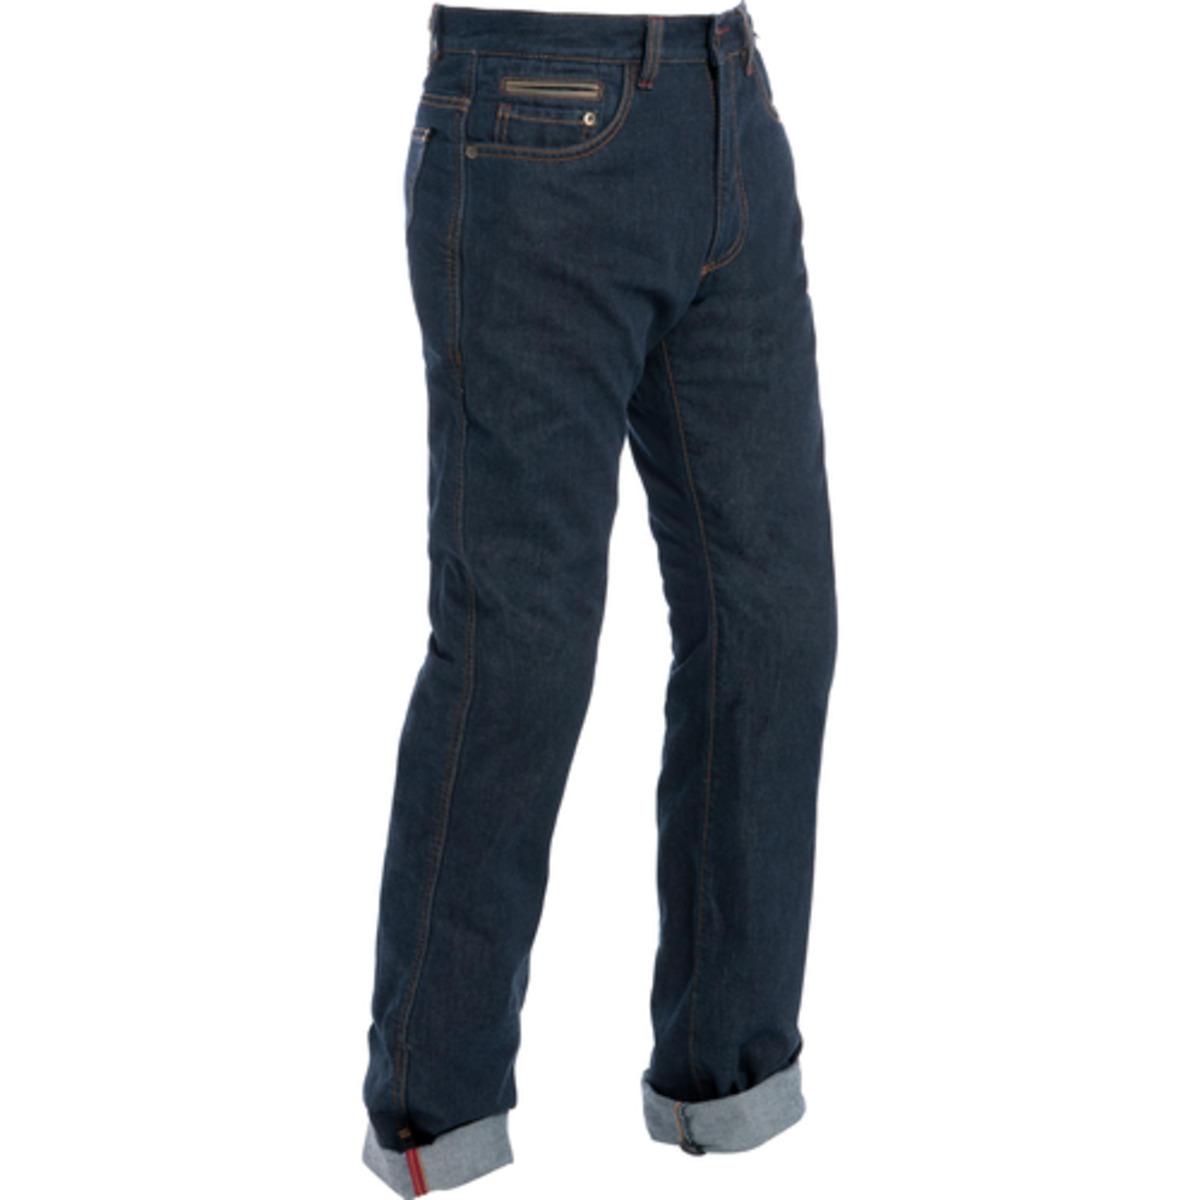 Bild 1 von Julys Jeans